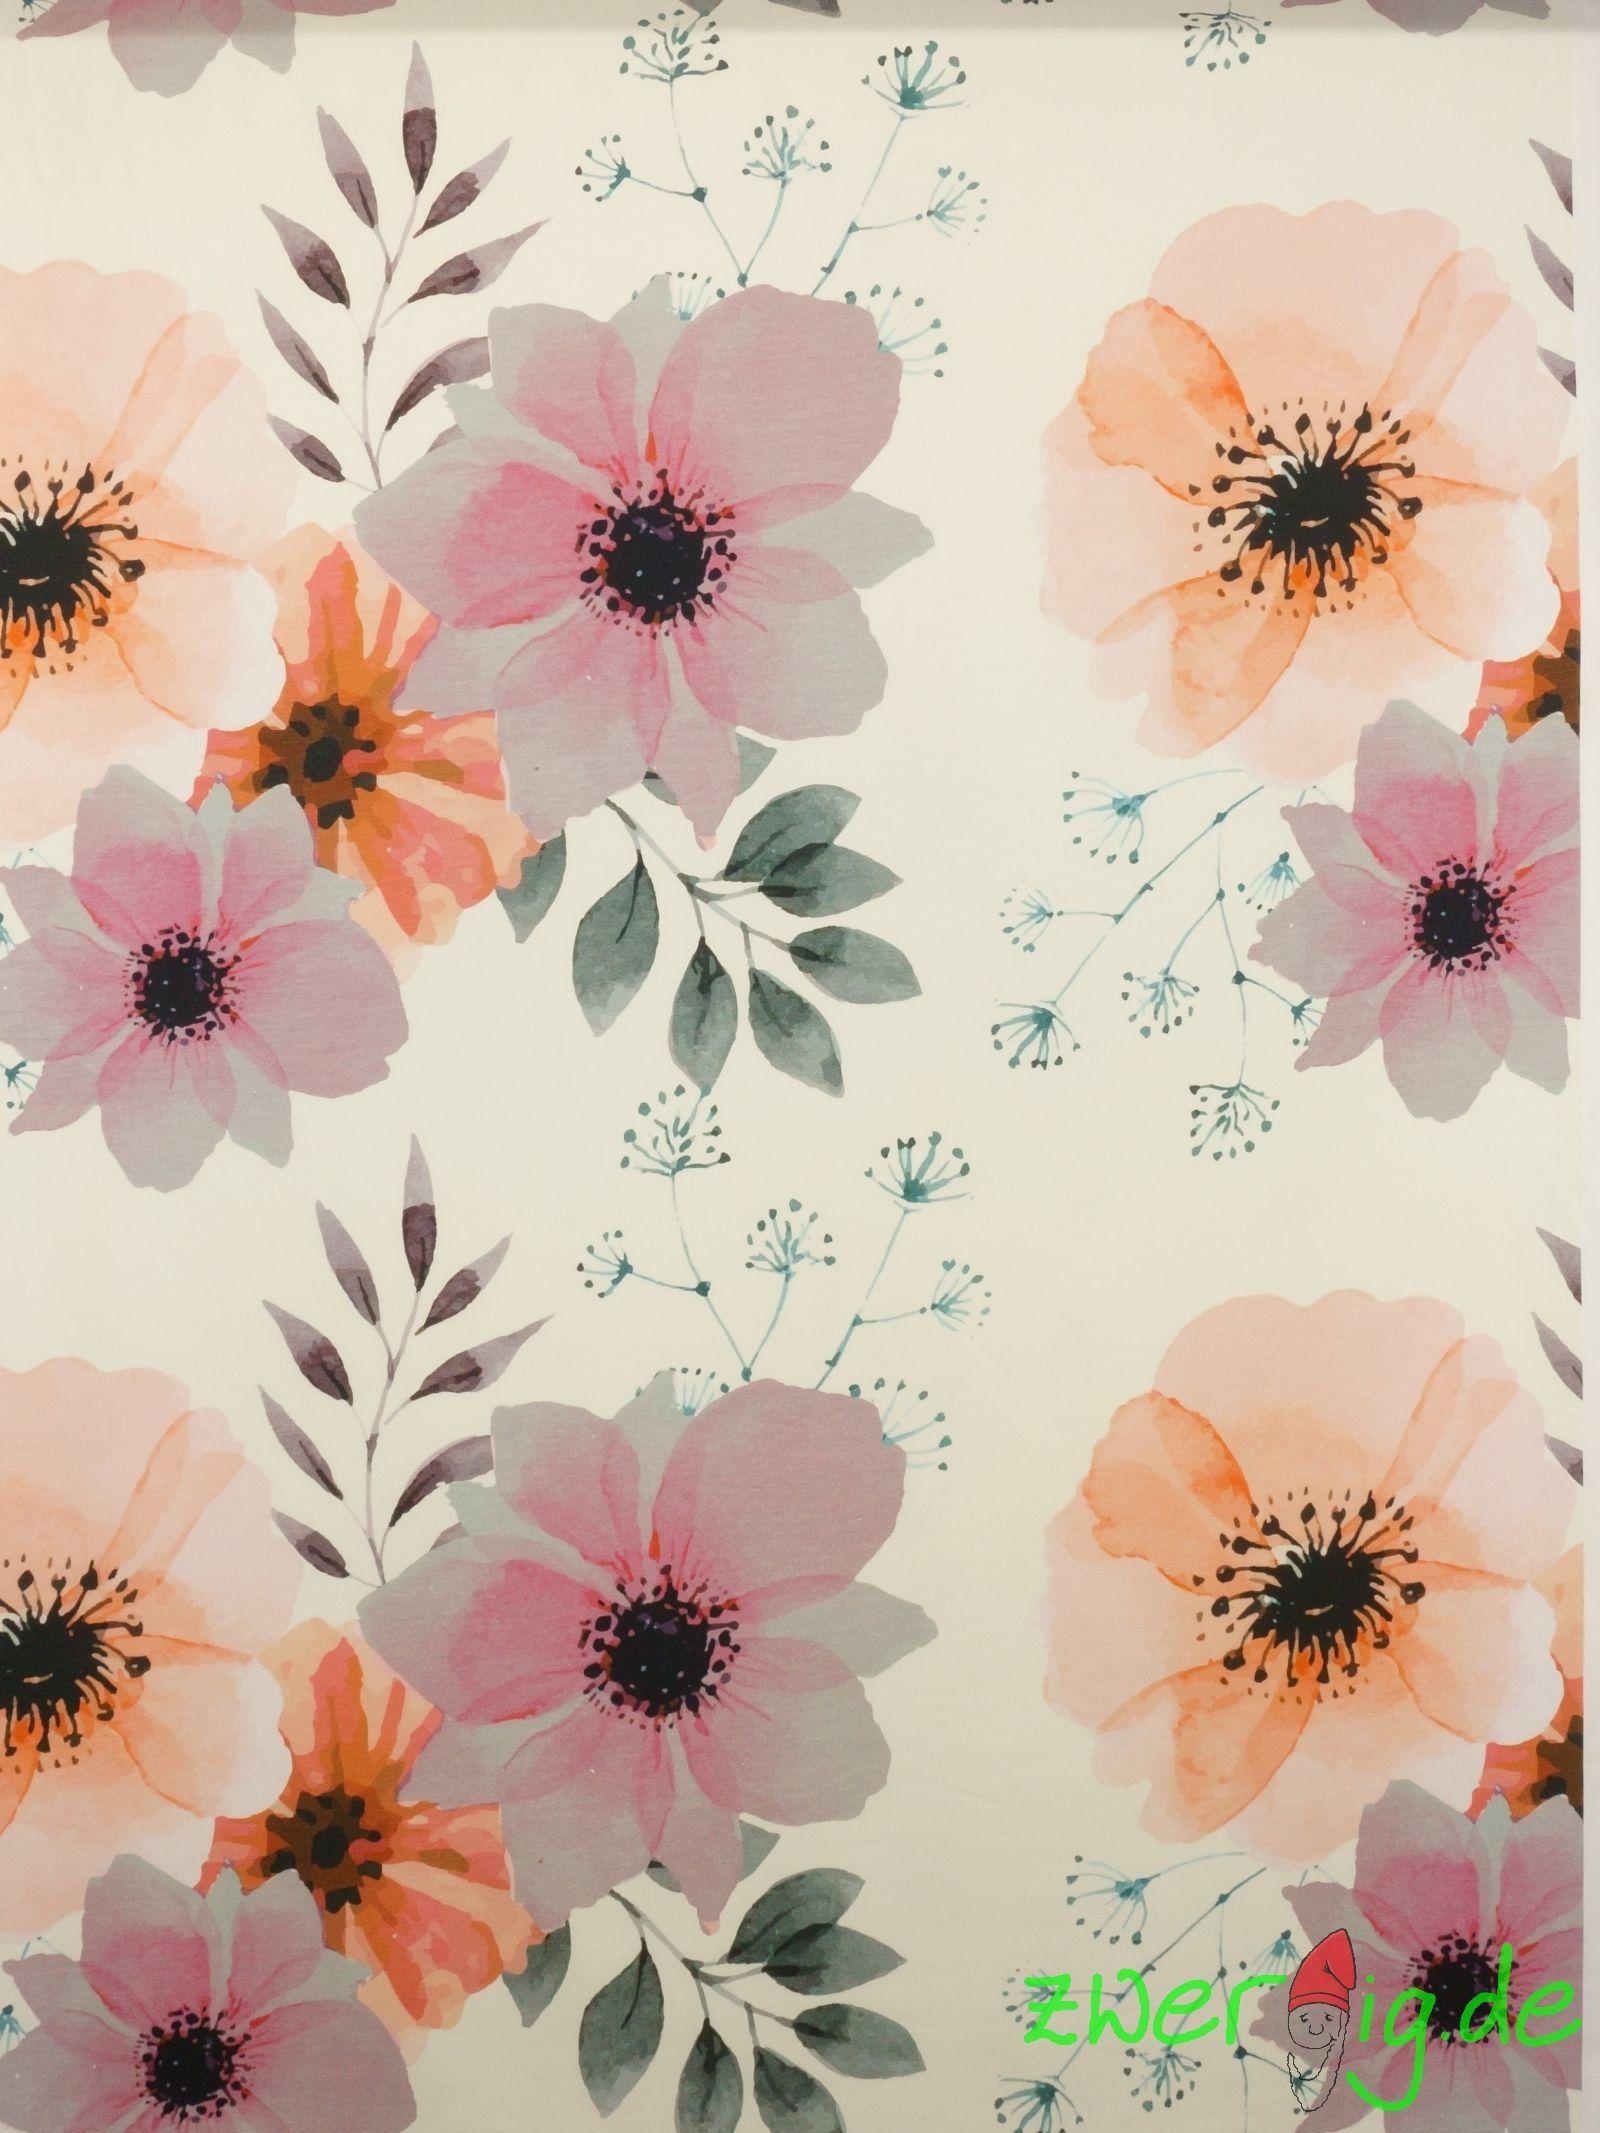 Jersey Stoff Grosse Mohnblute Mohnblume Auf Hellnatur Pastell Von Zwergigde Auf Etsy Printed Shower Curtain Prints Shower Curtain